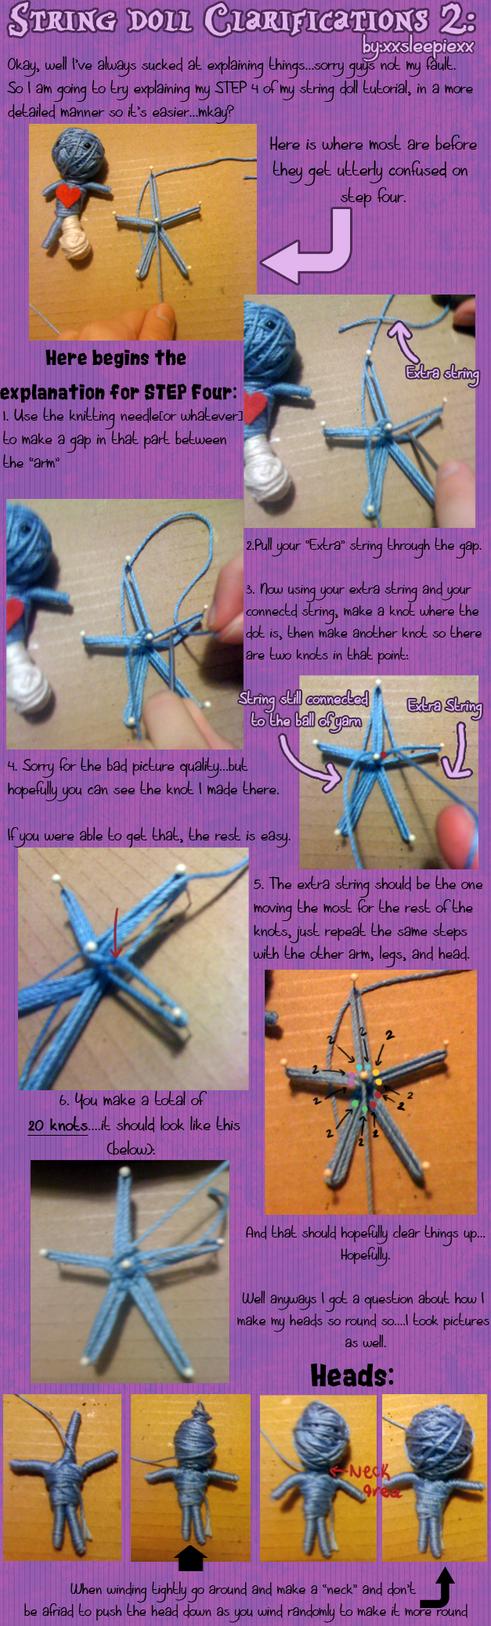 String Doll Clarifications 2.0 by xXSleepieXx